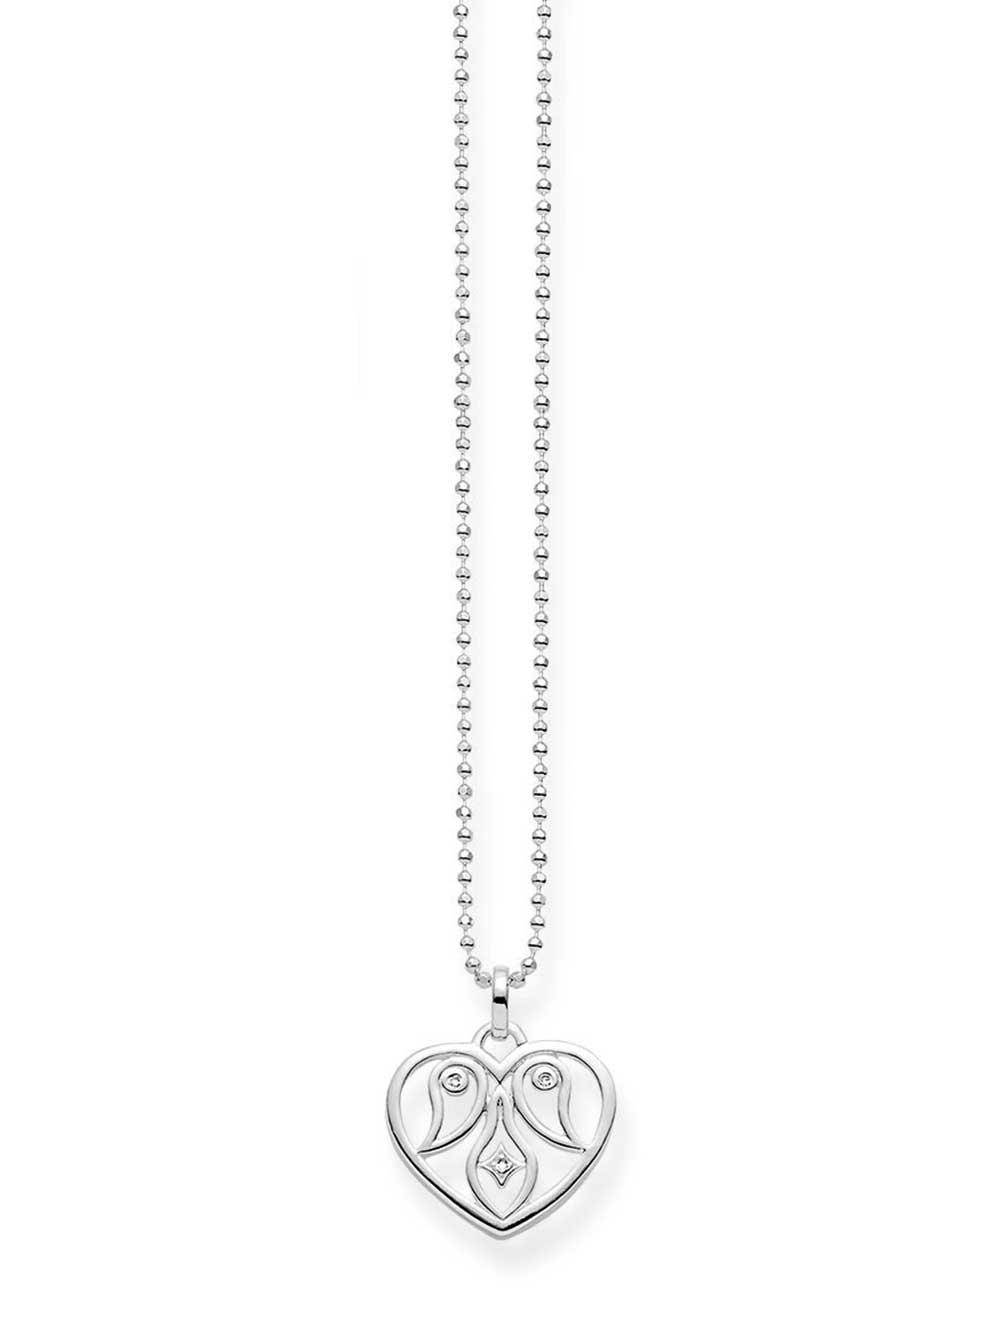 Thomas Sabo Halskette KE0018-725-21 925er mit Anhänger Herz 40-45cm